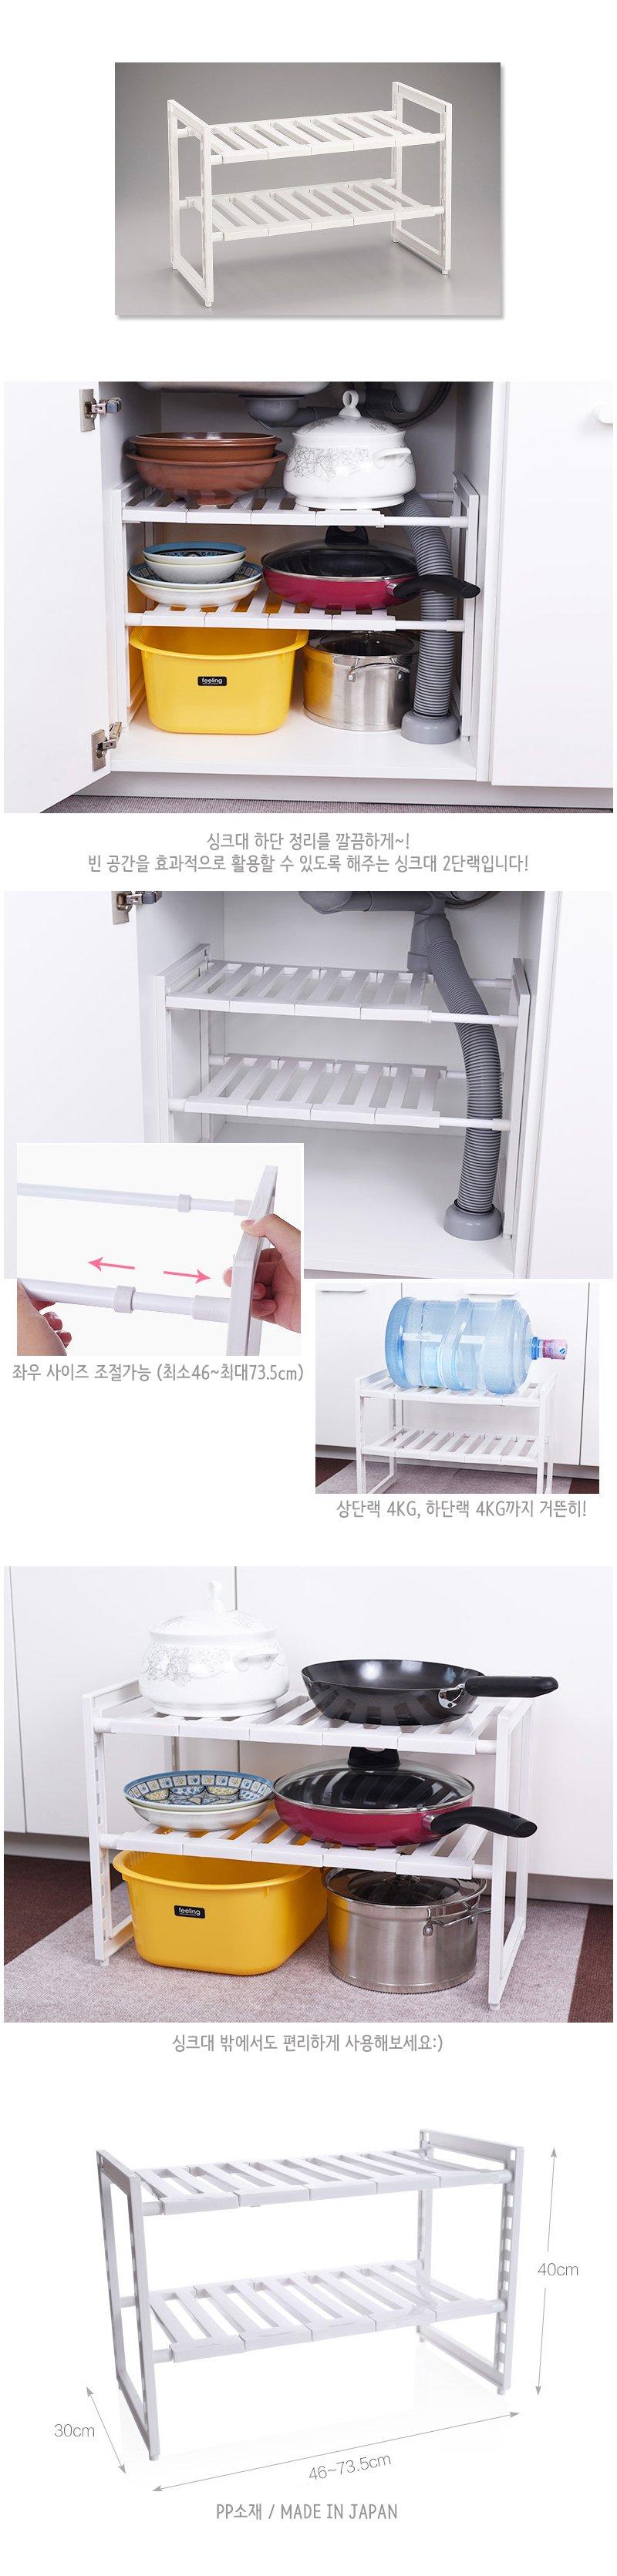 싱크대 하단 2단랙 - 실즈키친, 28,800원, 주방수납용품, 진열 보관대